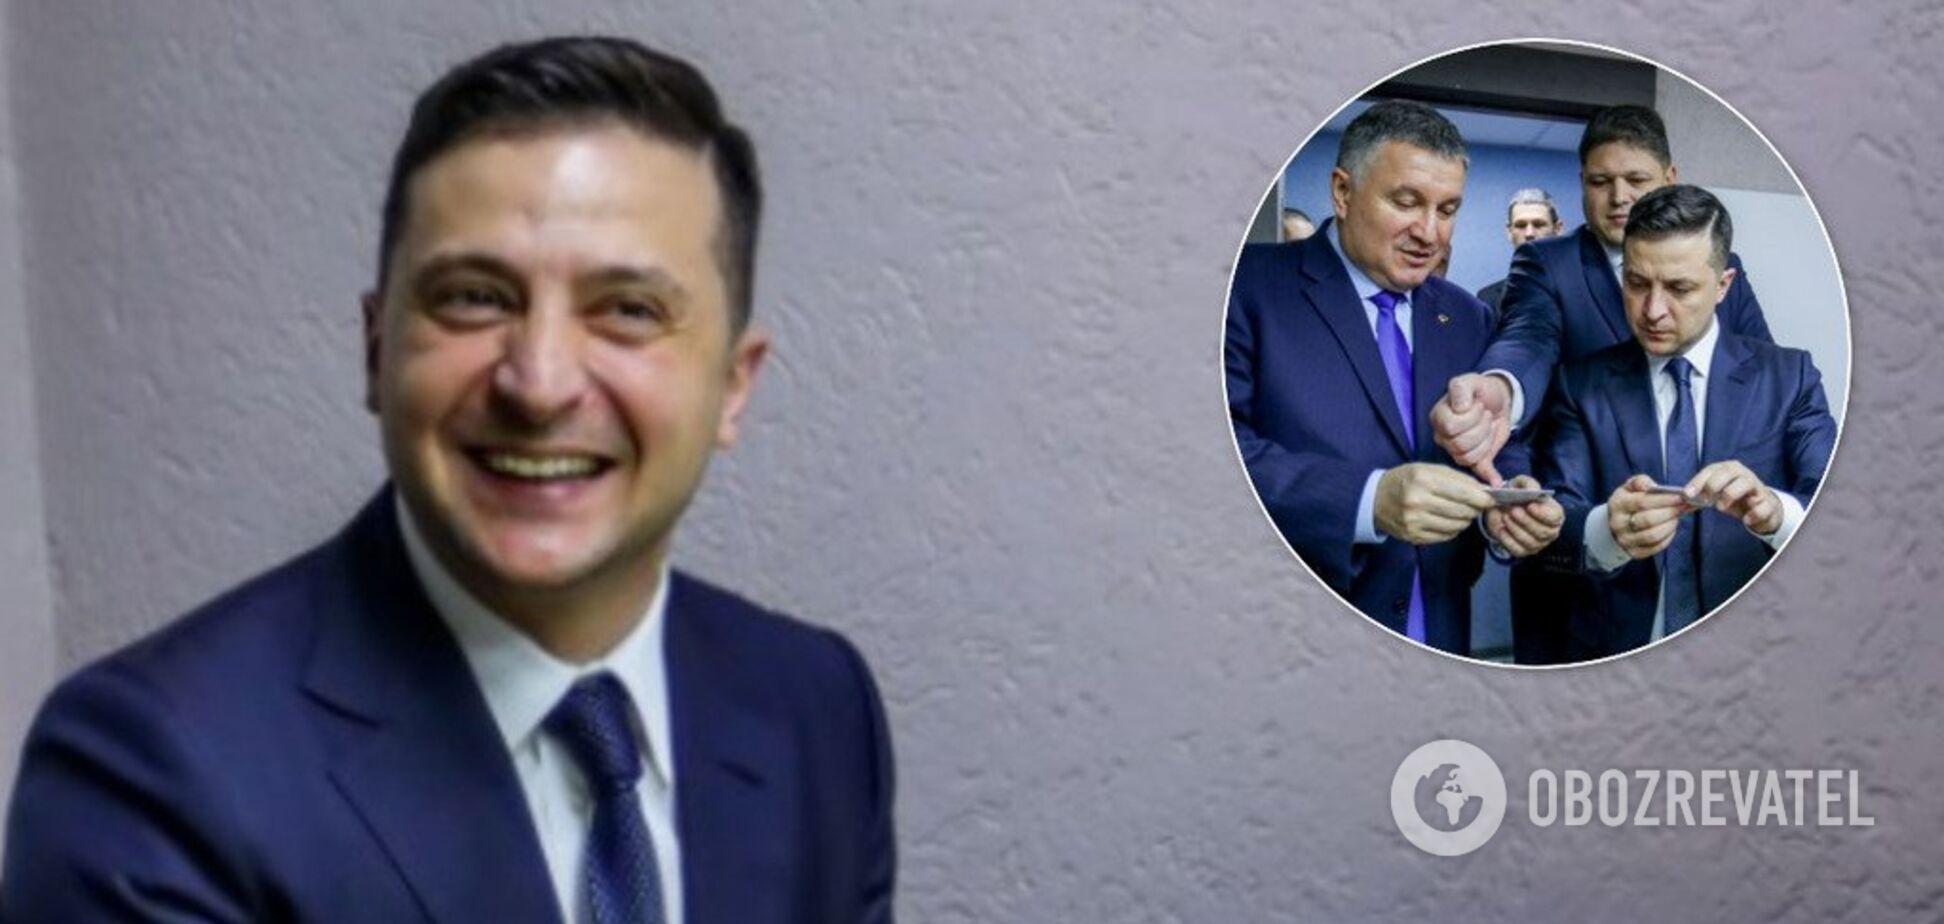 Зеленський першим в Україні отримав електронний підпис для нової ID-карти: фото